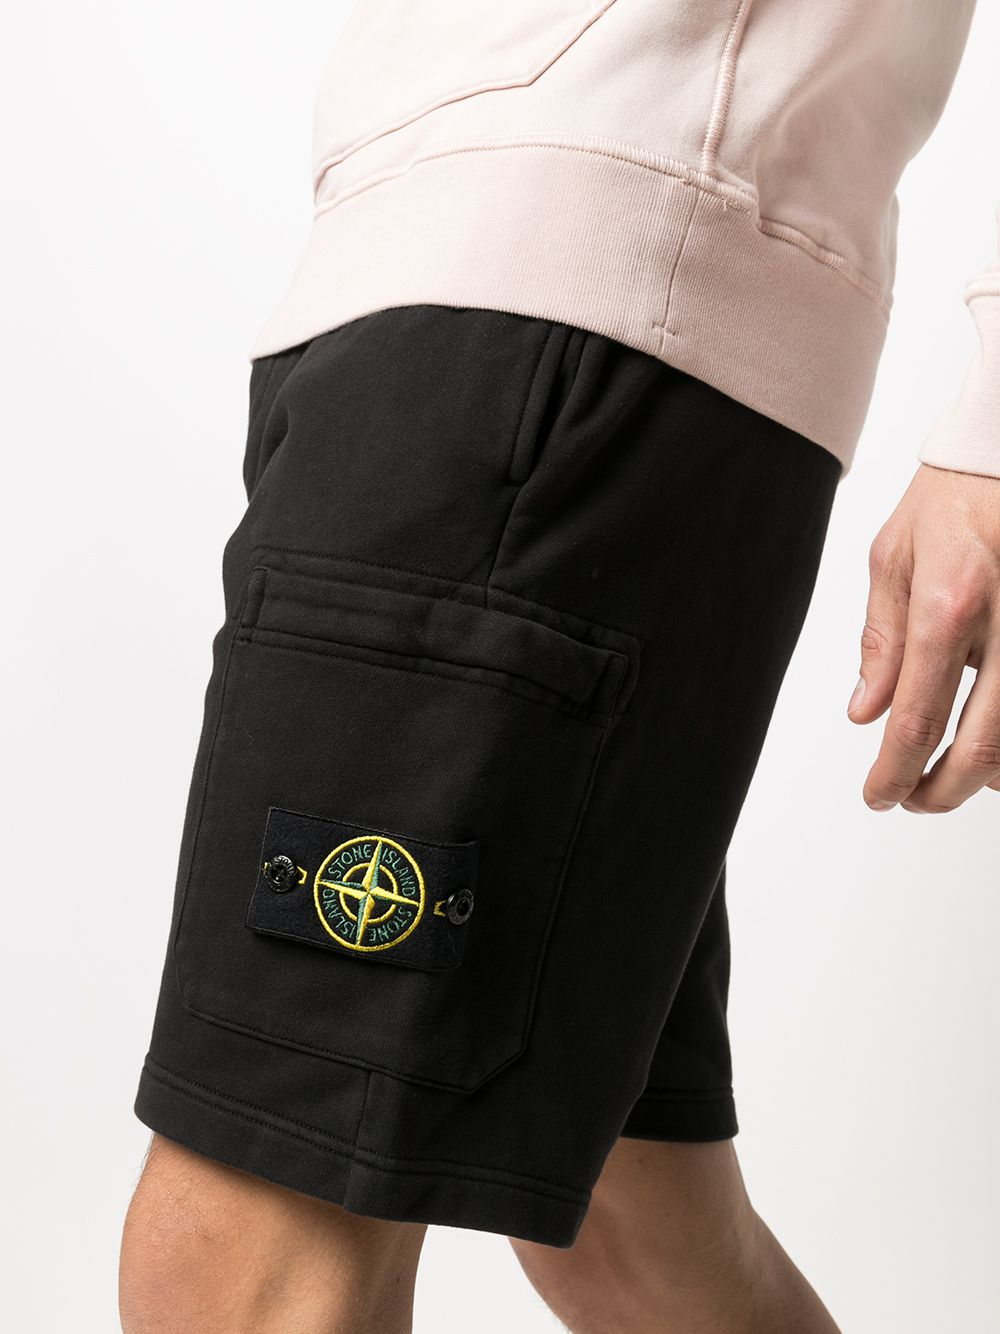 Shorts neri in cotone con logo Stone Island sulla gamba STONE ISLAND |  | 741564651V0029